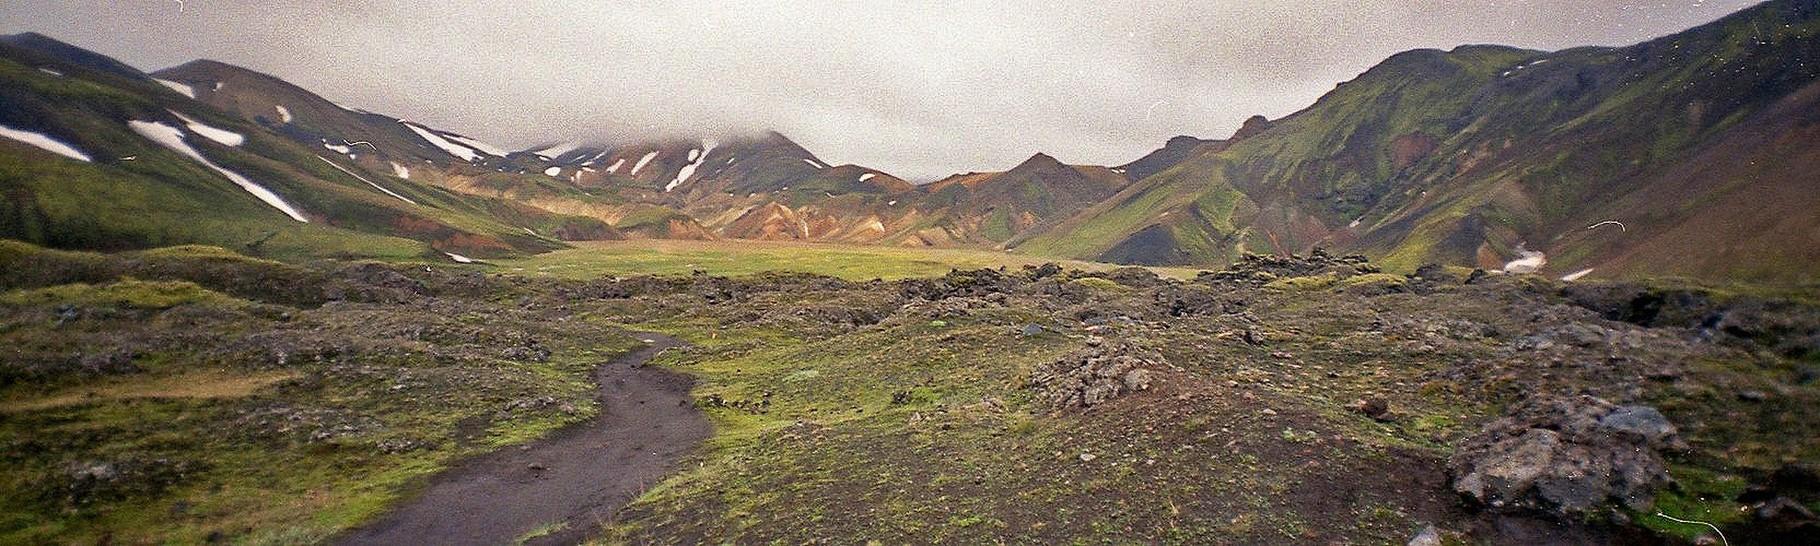 Islande - photo proposée par Pascale B.